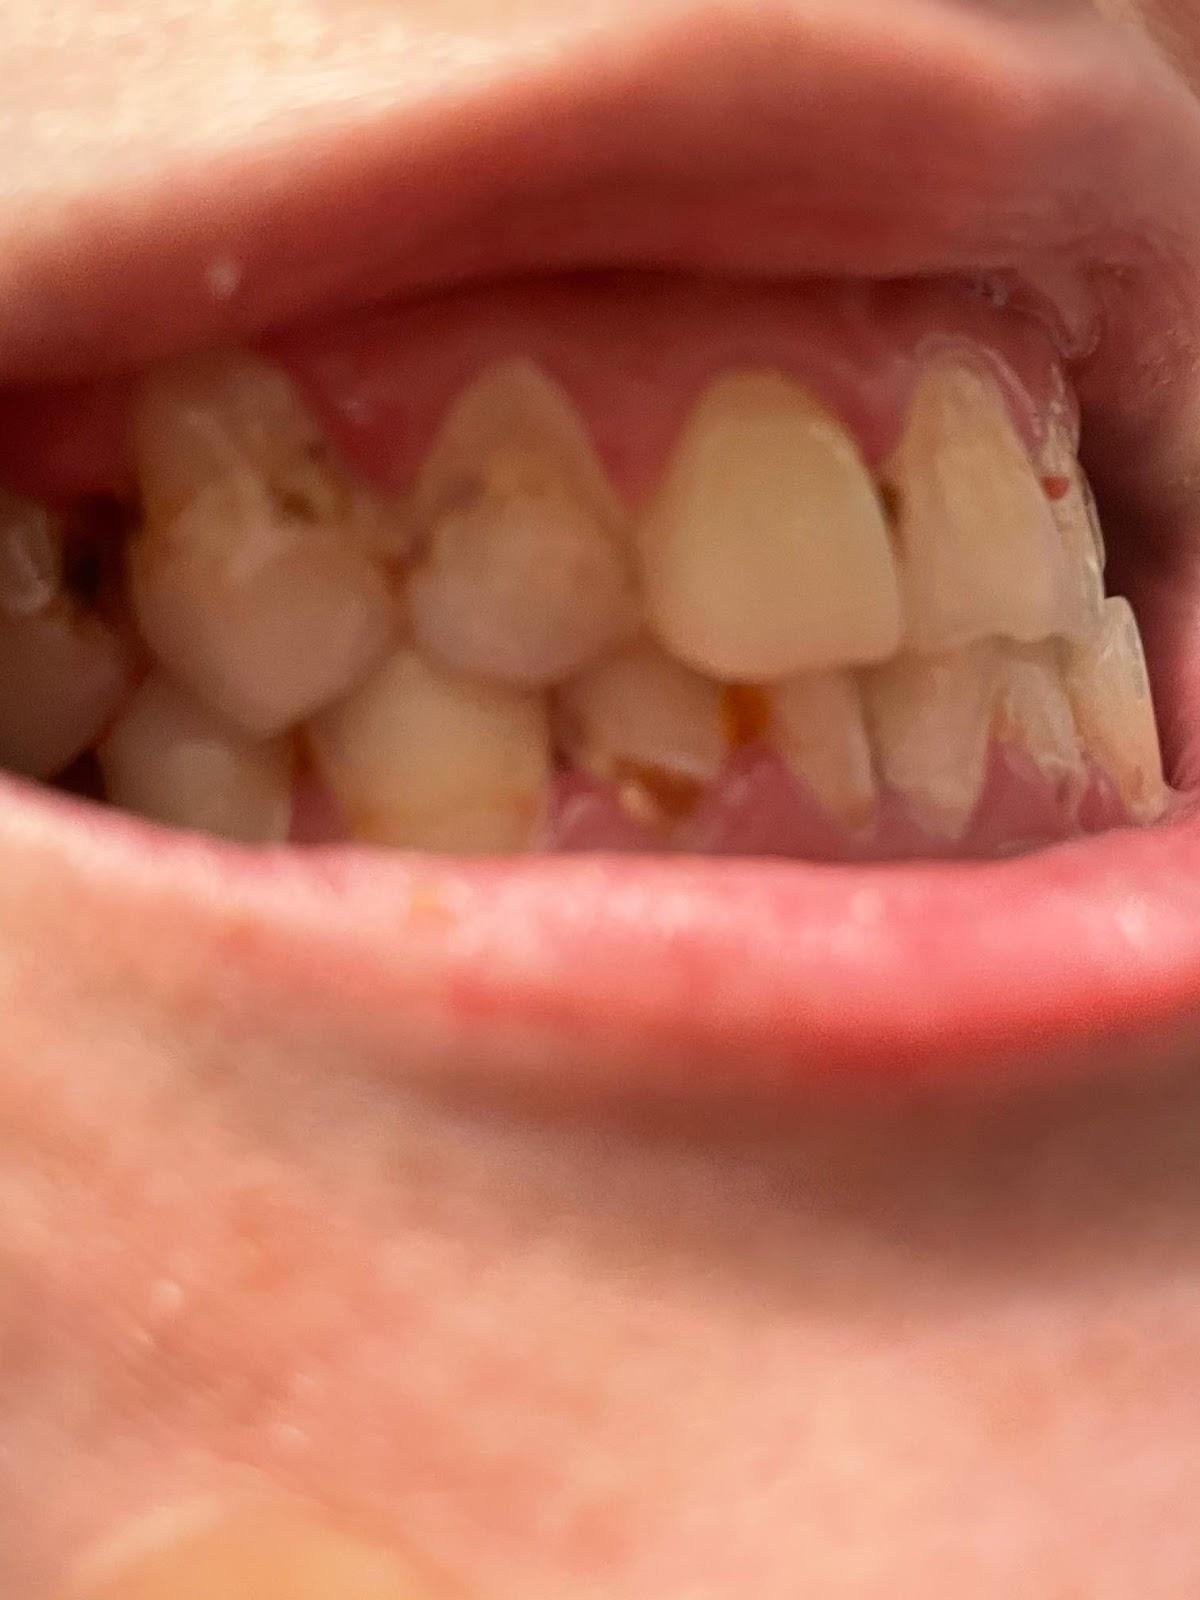 Teeth of a bulimic